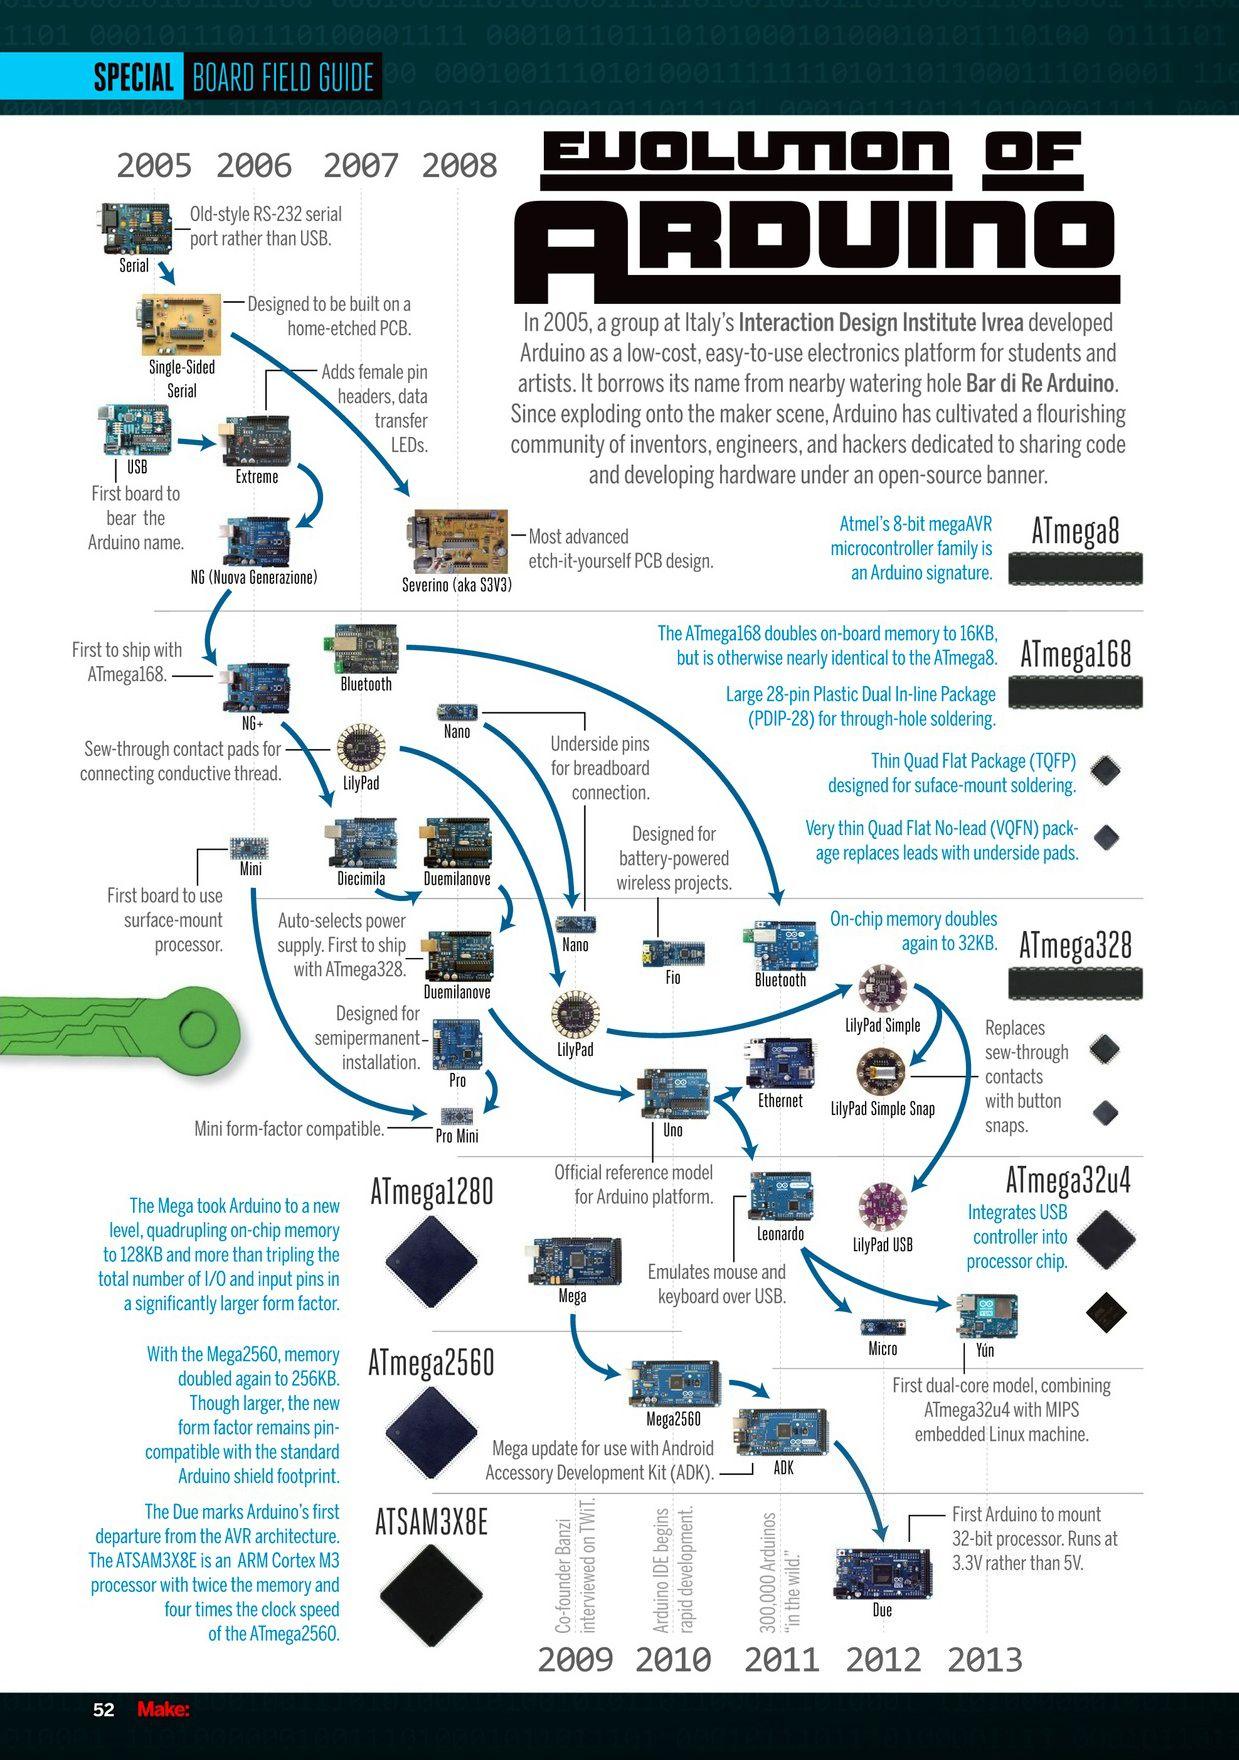 Evolucion de arduino #infografia